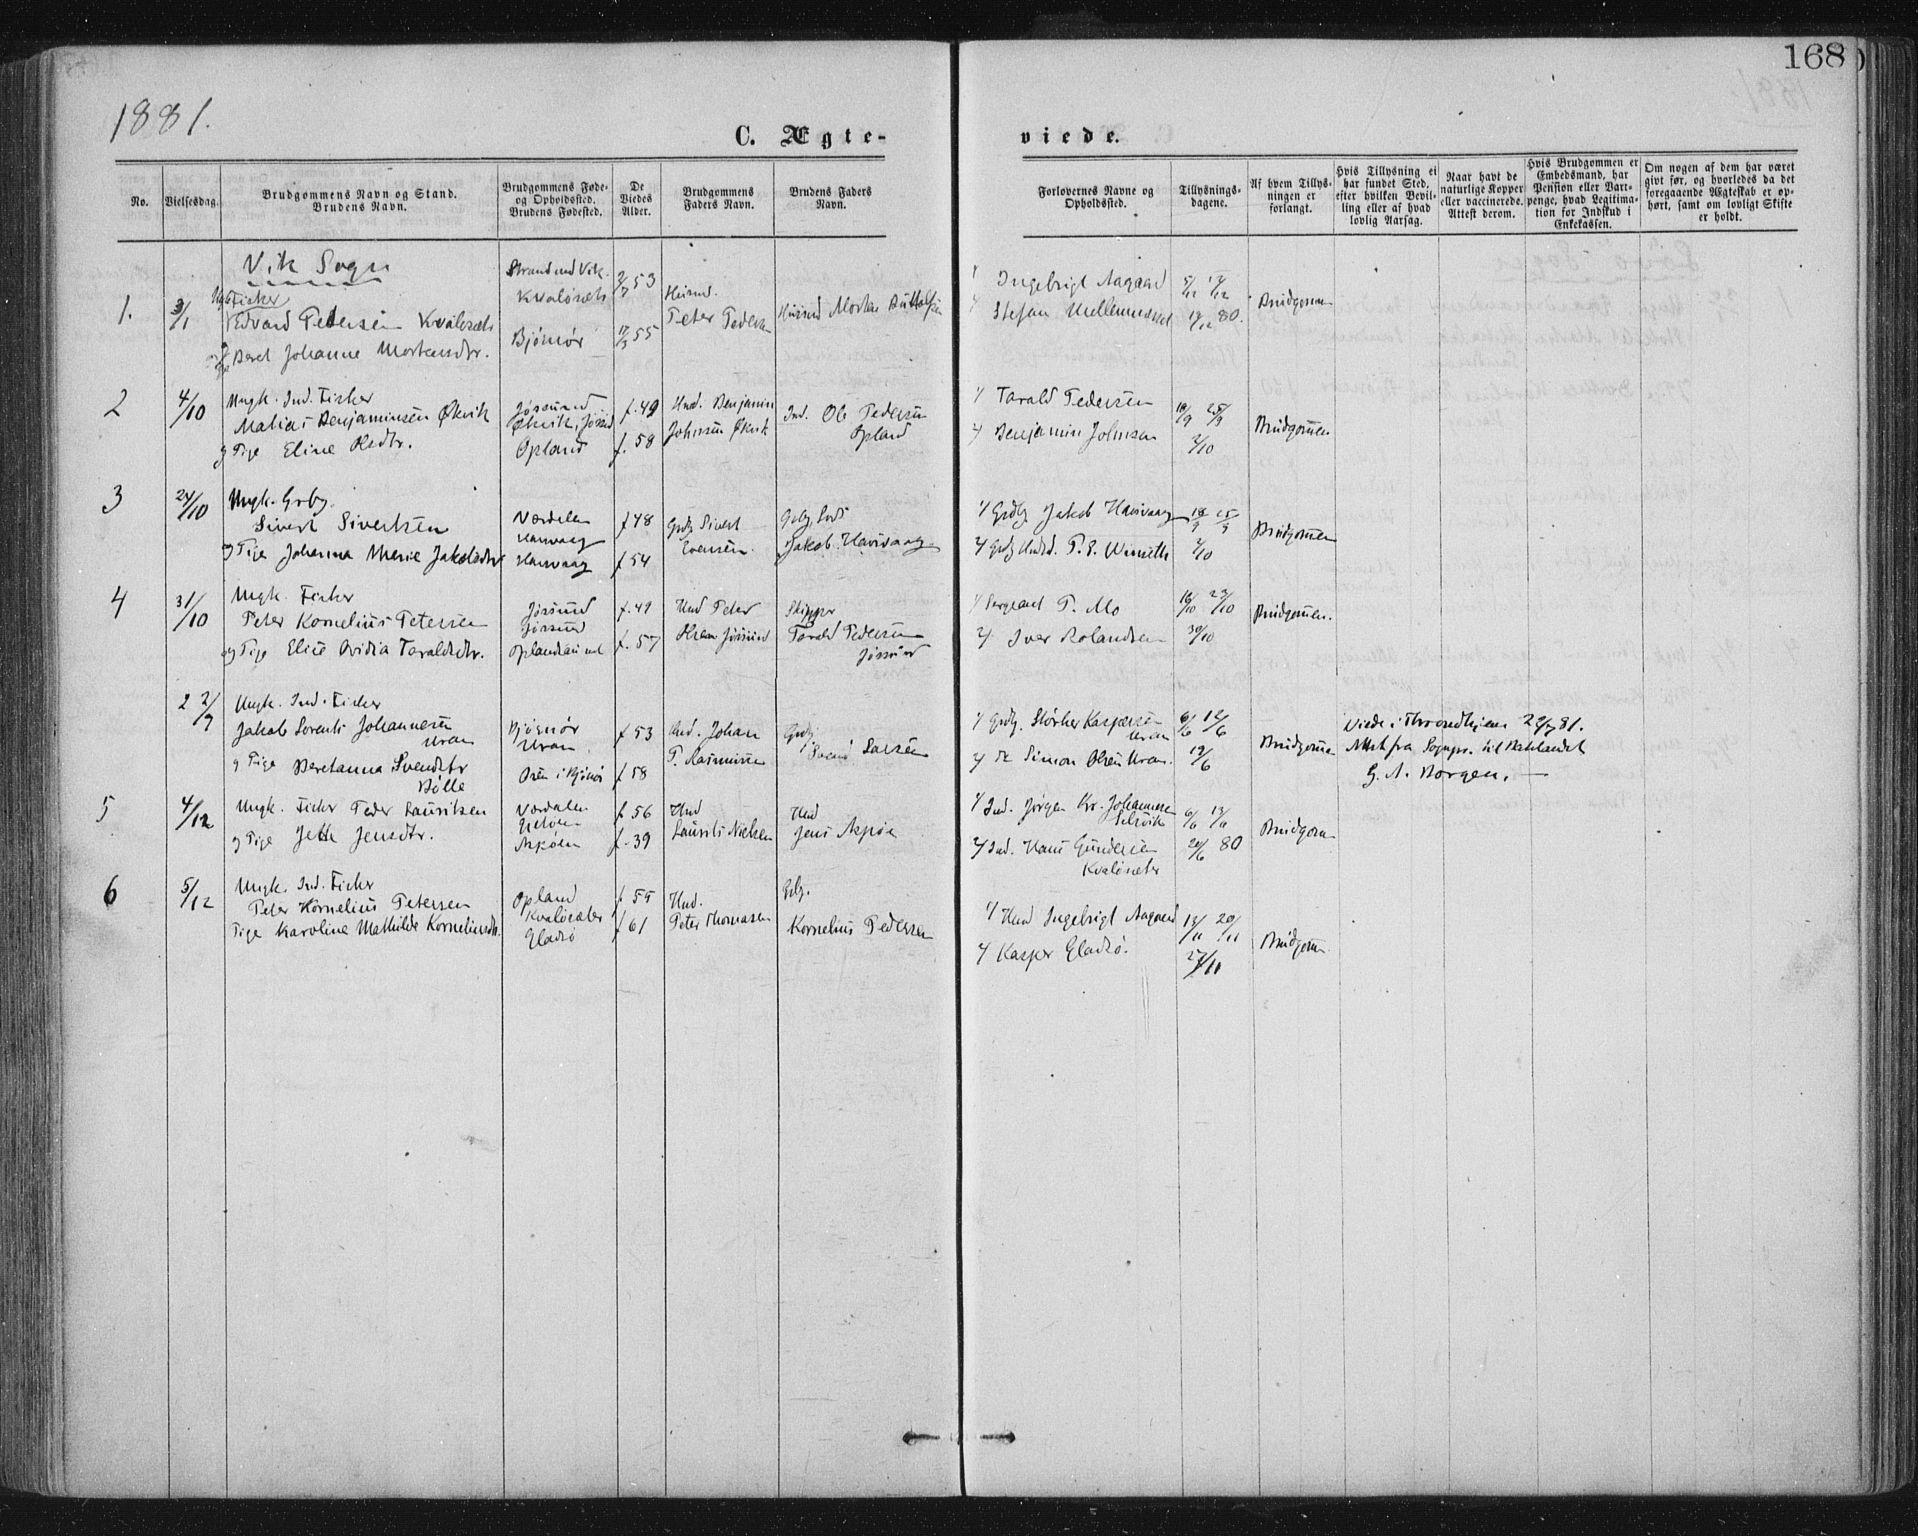 SAT, Ministerialprotokoller, klokkerbøker og fødselsregistre - Nord-Trøndelag, 771/L0596: Ministerialbok nr. 771A03, 1870-1884, s. 168